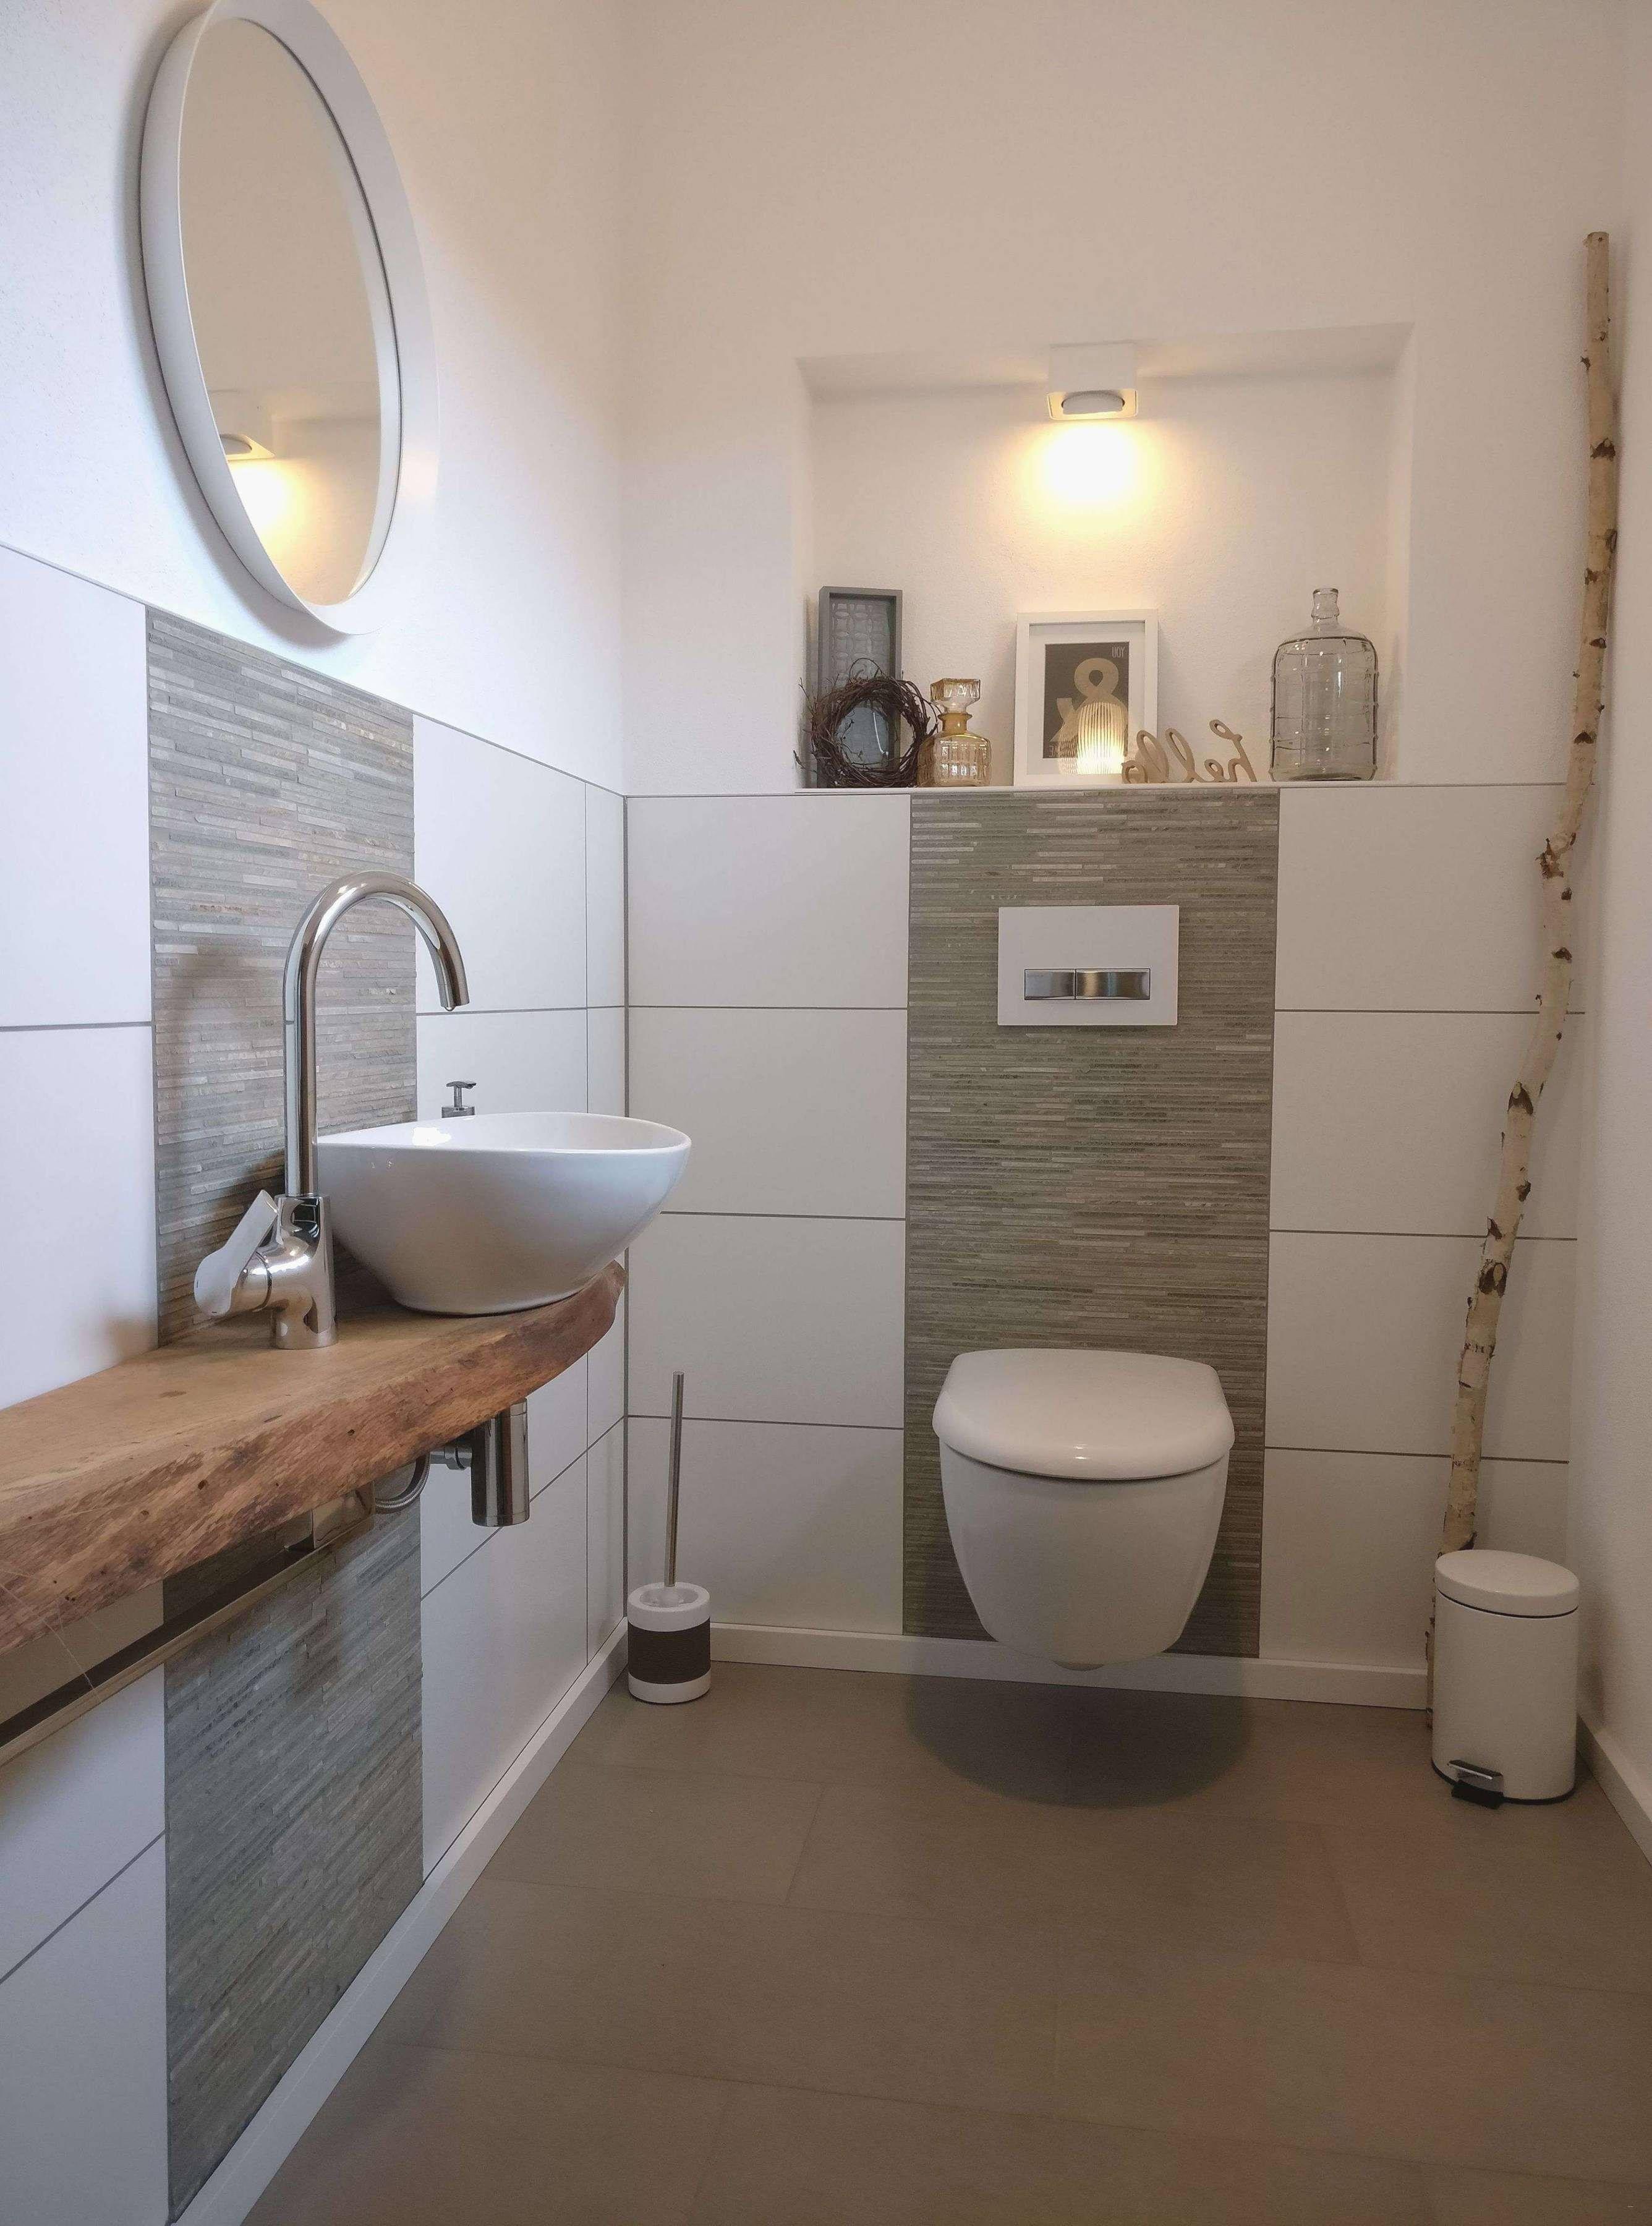 Badezimmer Renovieren Kosten